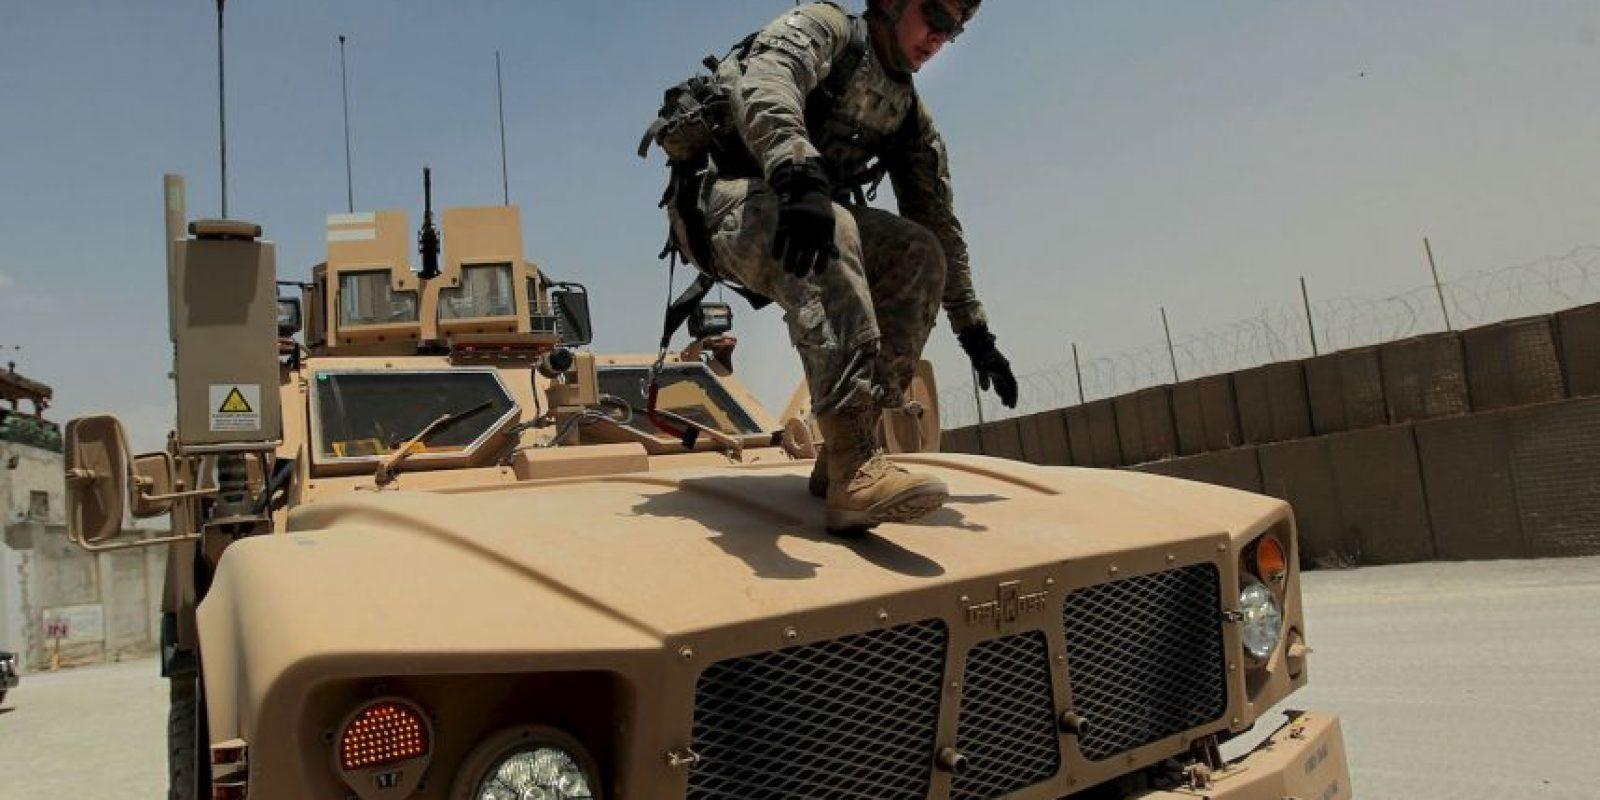 El nuevo vehículo reemplazará al Humvee. Foto:Getty Images